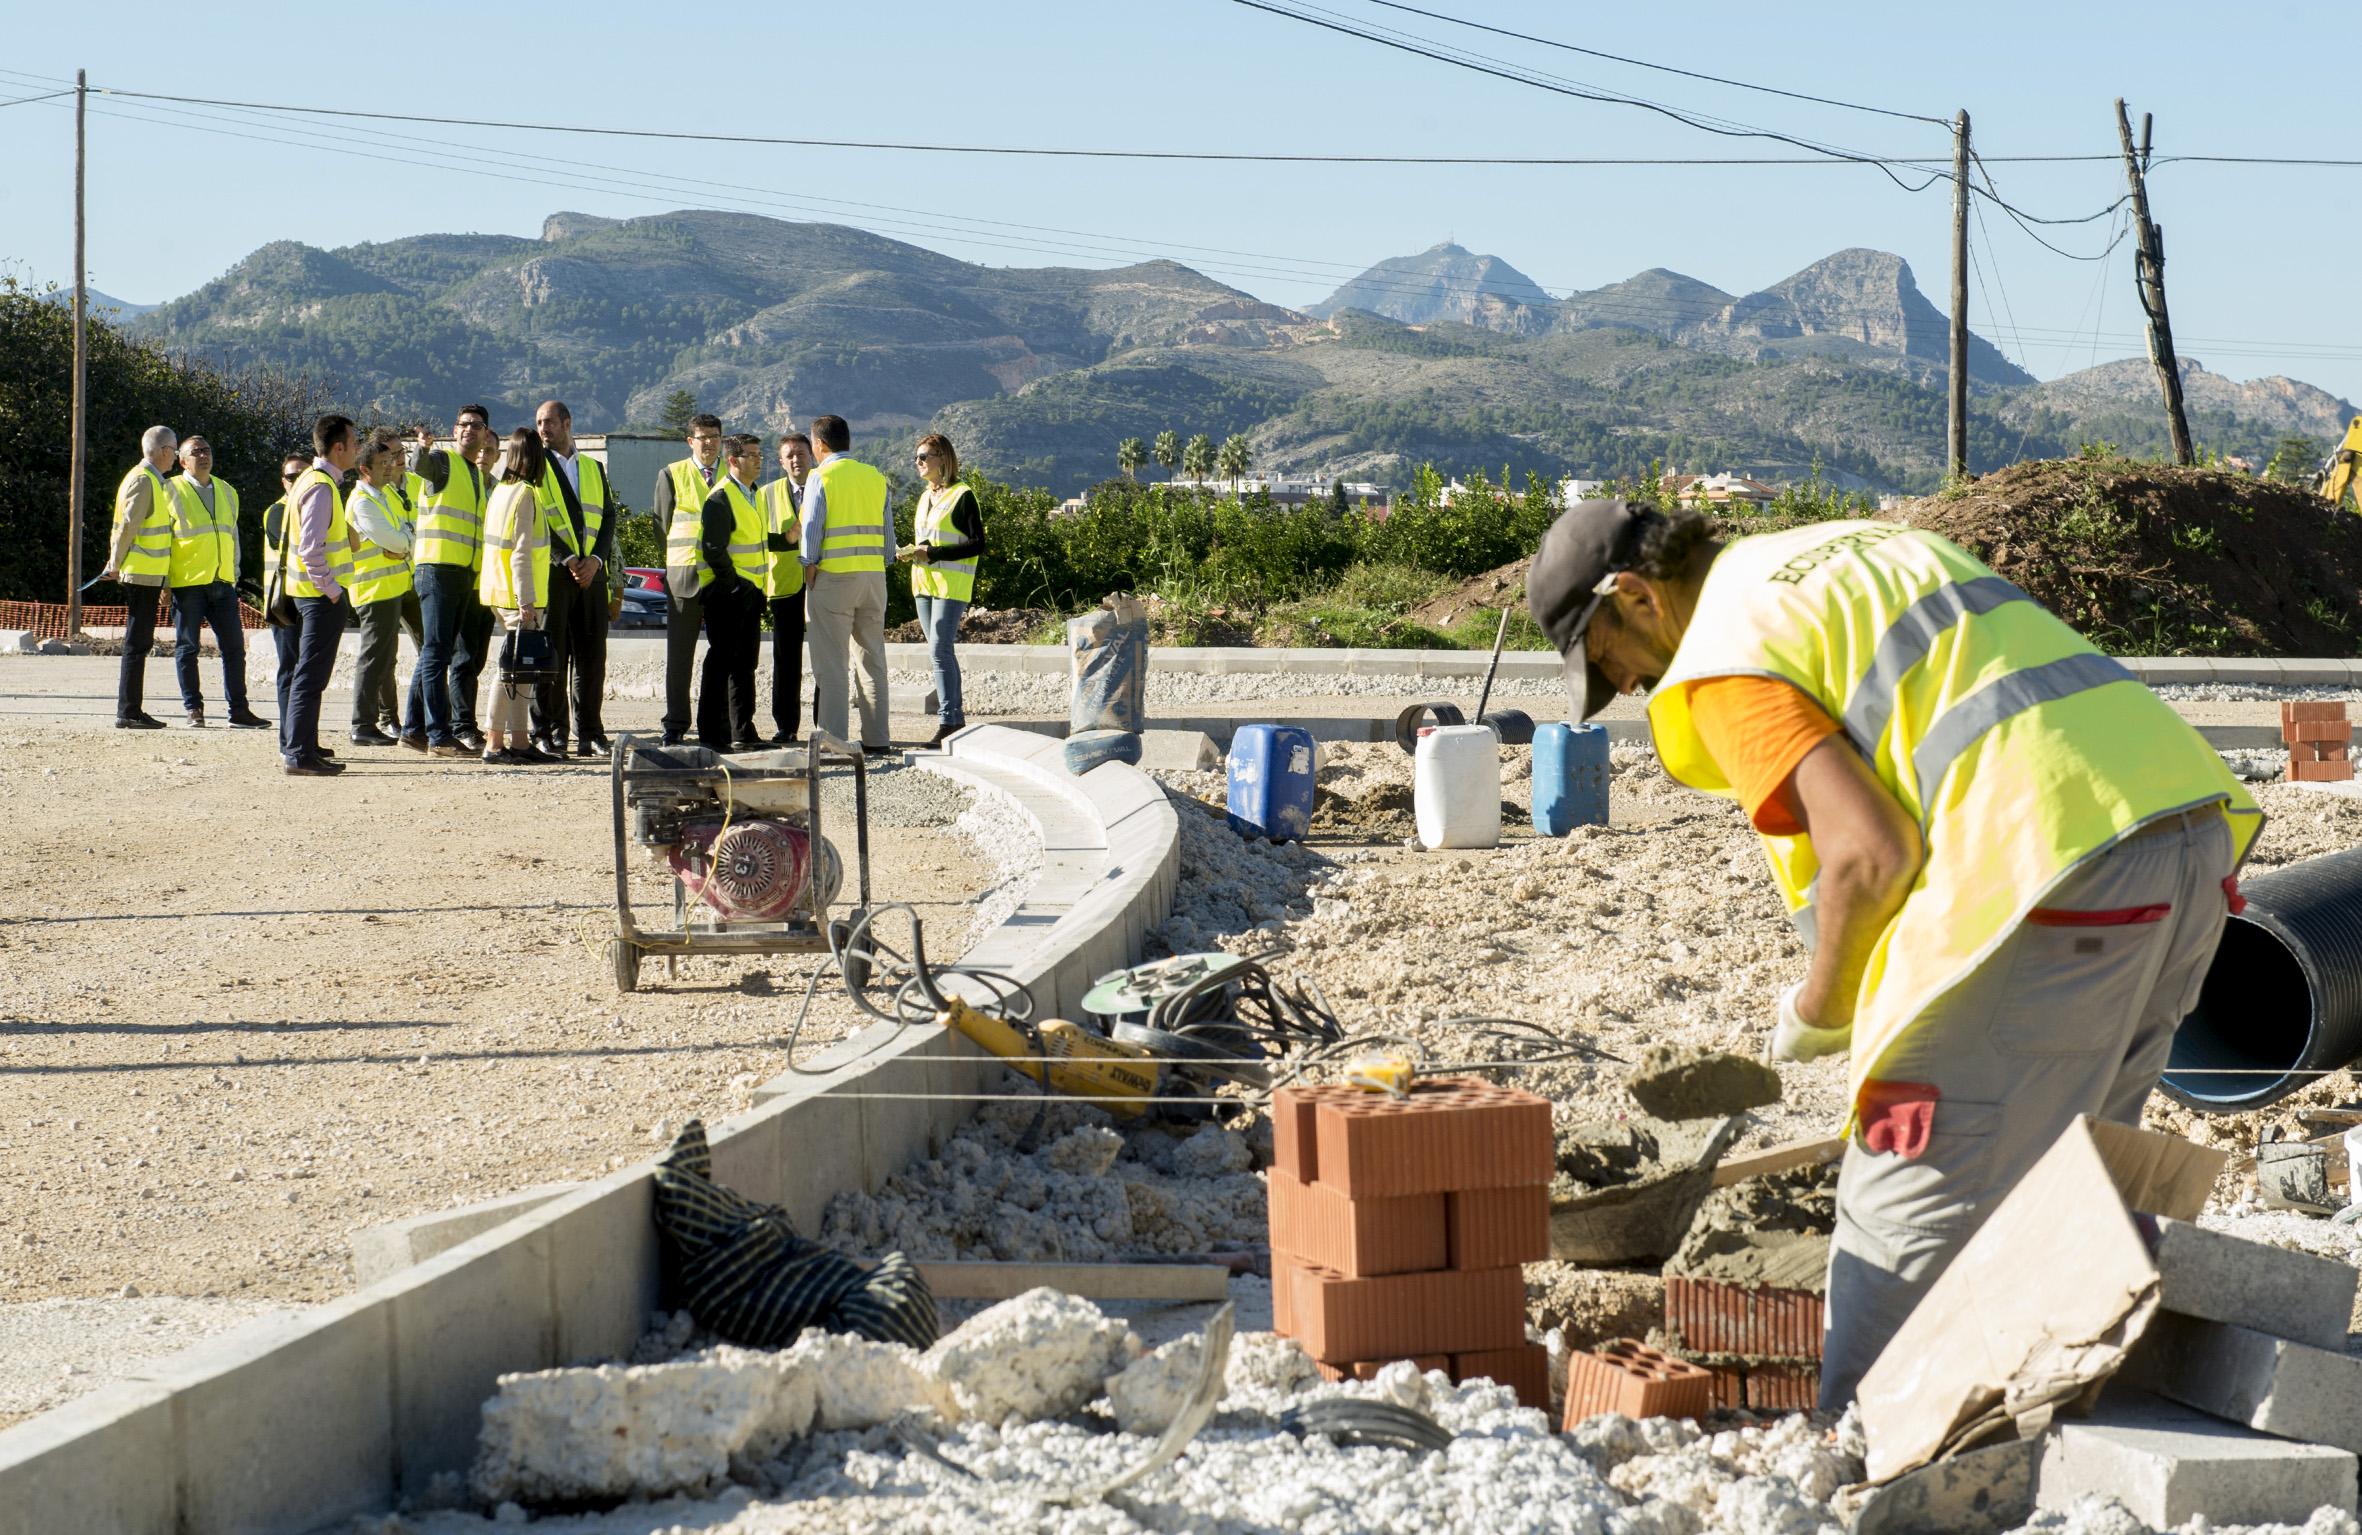 La Diputación de Valencia, a través del área de Carreteras, ha iniciado los trámites para mejorar la intersección que existe actualmente en la CV-405 entre Venta Cabrera y Montserrat.